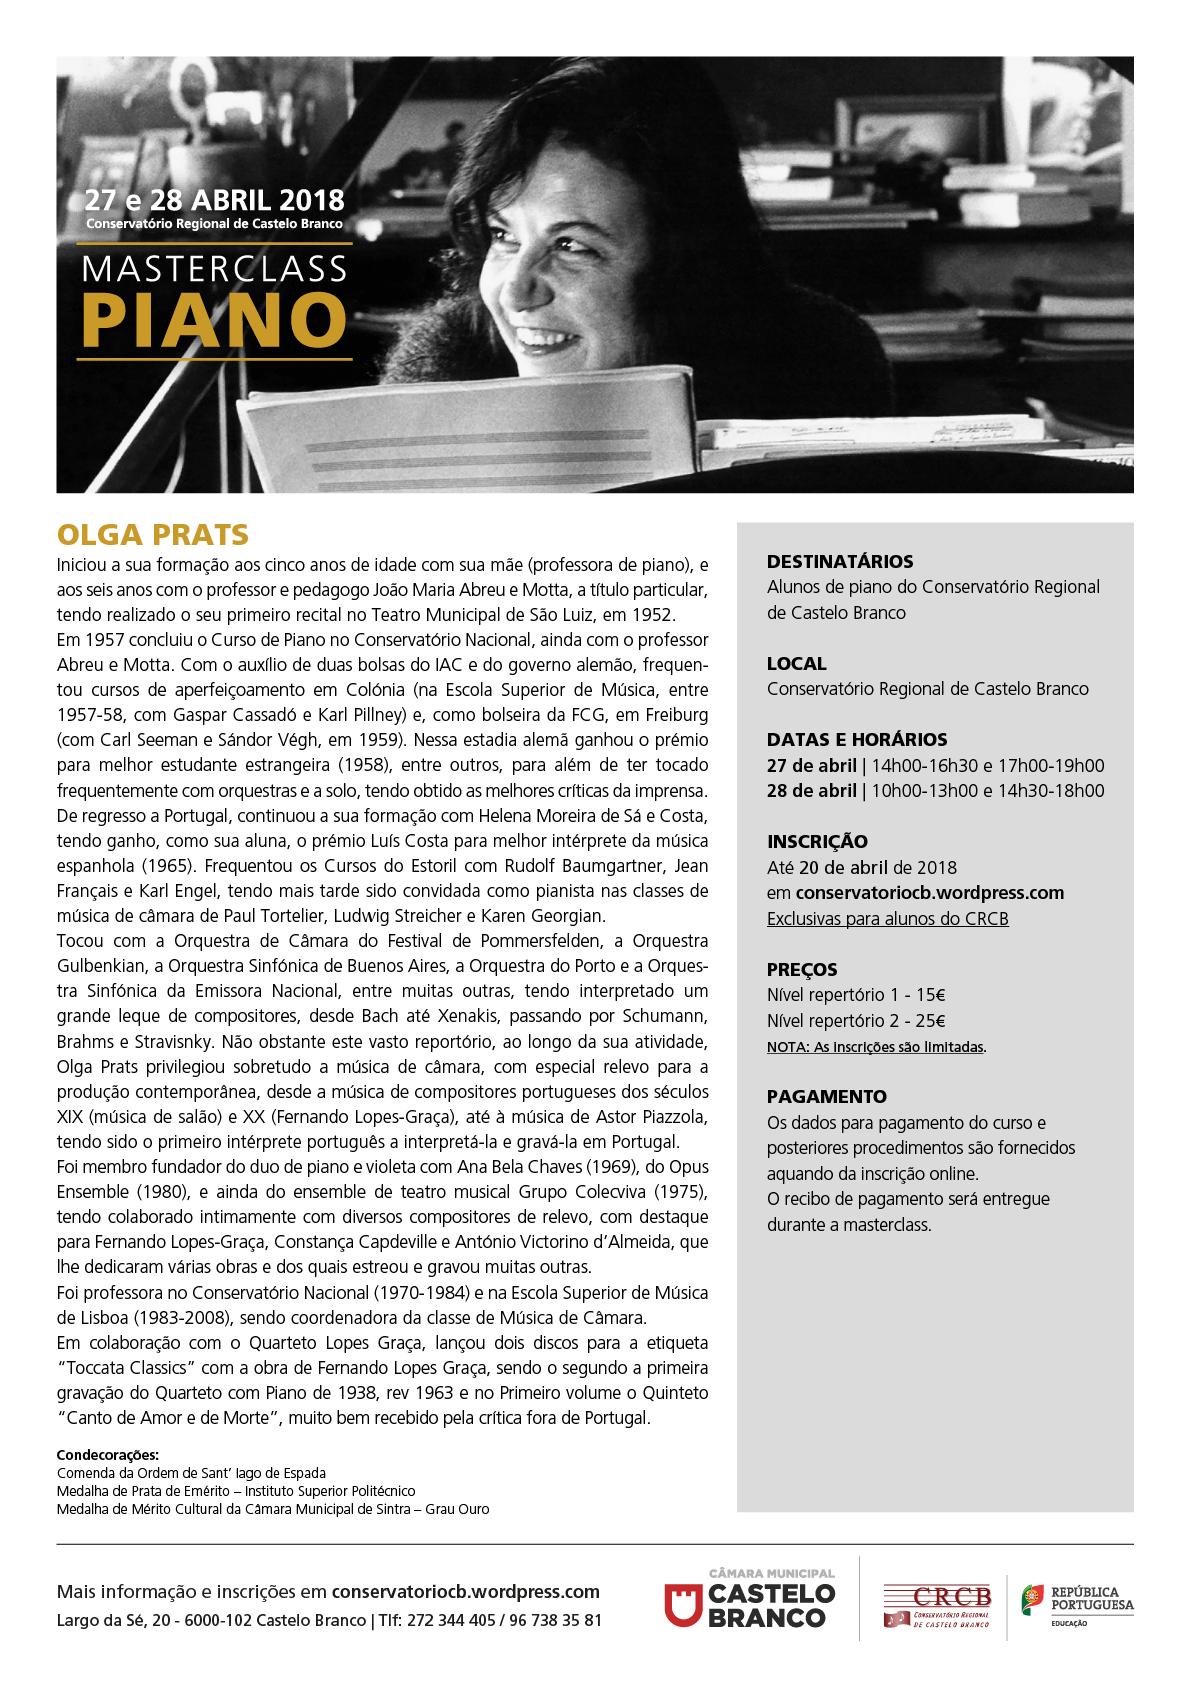 Masterclass-de-Piano-com-Olga-Prats---folheto